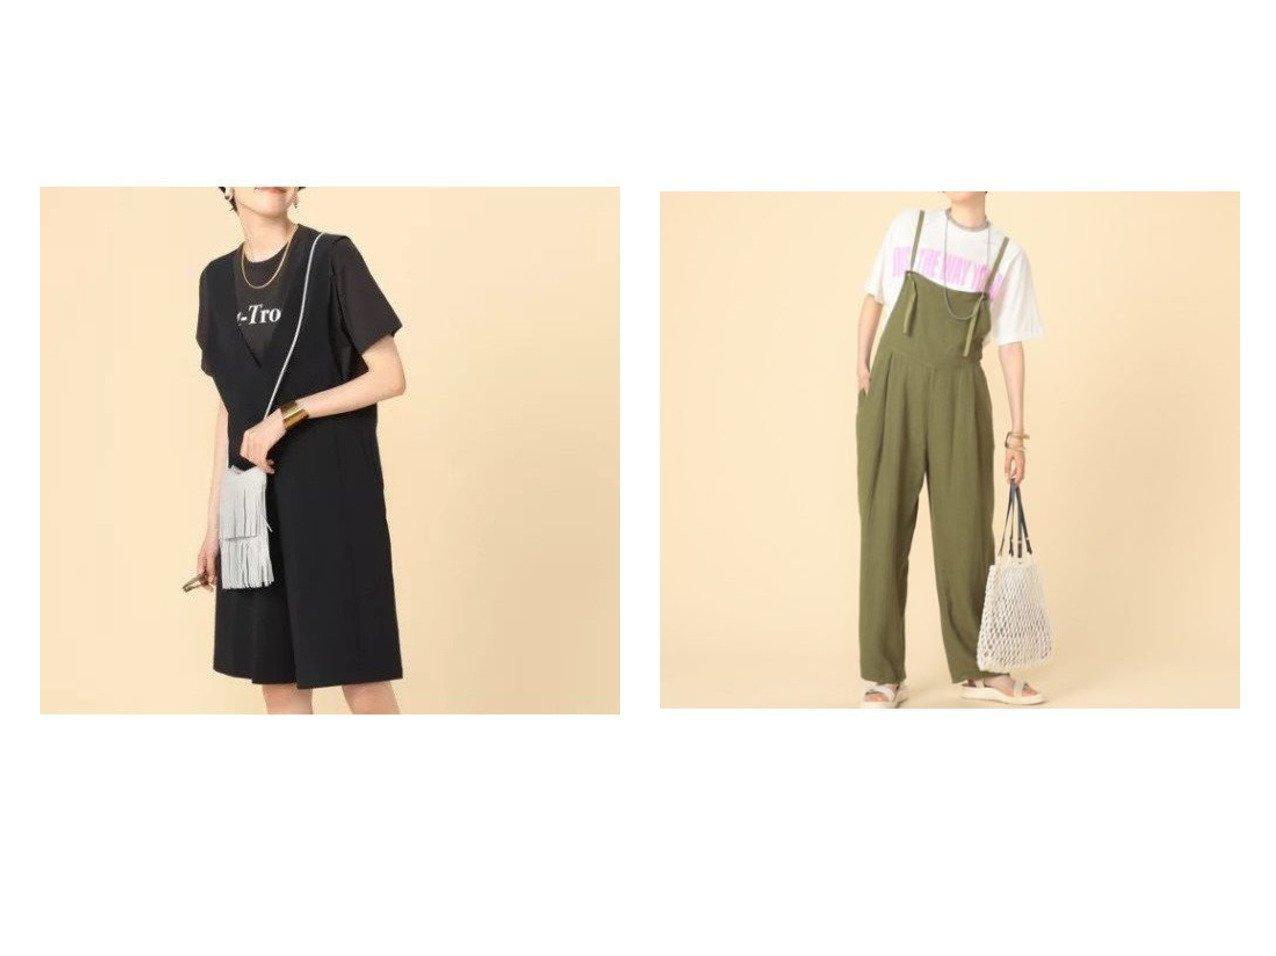 【NOLLEY'S/ノーリーズ】のショートサロペット&【Rie Miller/リエミラー】のミニヘリンボーンサロペット 【ワンピース・ドレス】おすすめ!人気、トレンド・レディースファッションの通販 おすすめで人気の流行・トレンド、ファッションの通販商品 インテリア・家具・メンズファッション・キッズファッション・レディースファッション・服の通販 founy(ファニー) https://founy.com/ ファッション Fashion レディースファッション WOMEN ワンピース Dress オールインワン ワンピース All In One Dress サロペット Salopette インナー サロペット ショート ポケット ラップ ヘリンボーン リネン リボン |ID:crp329100000047623